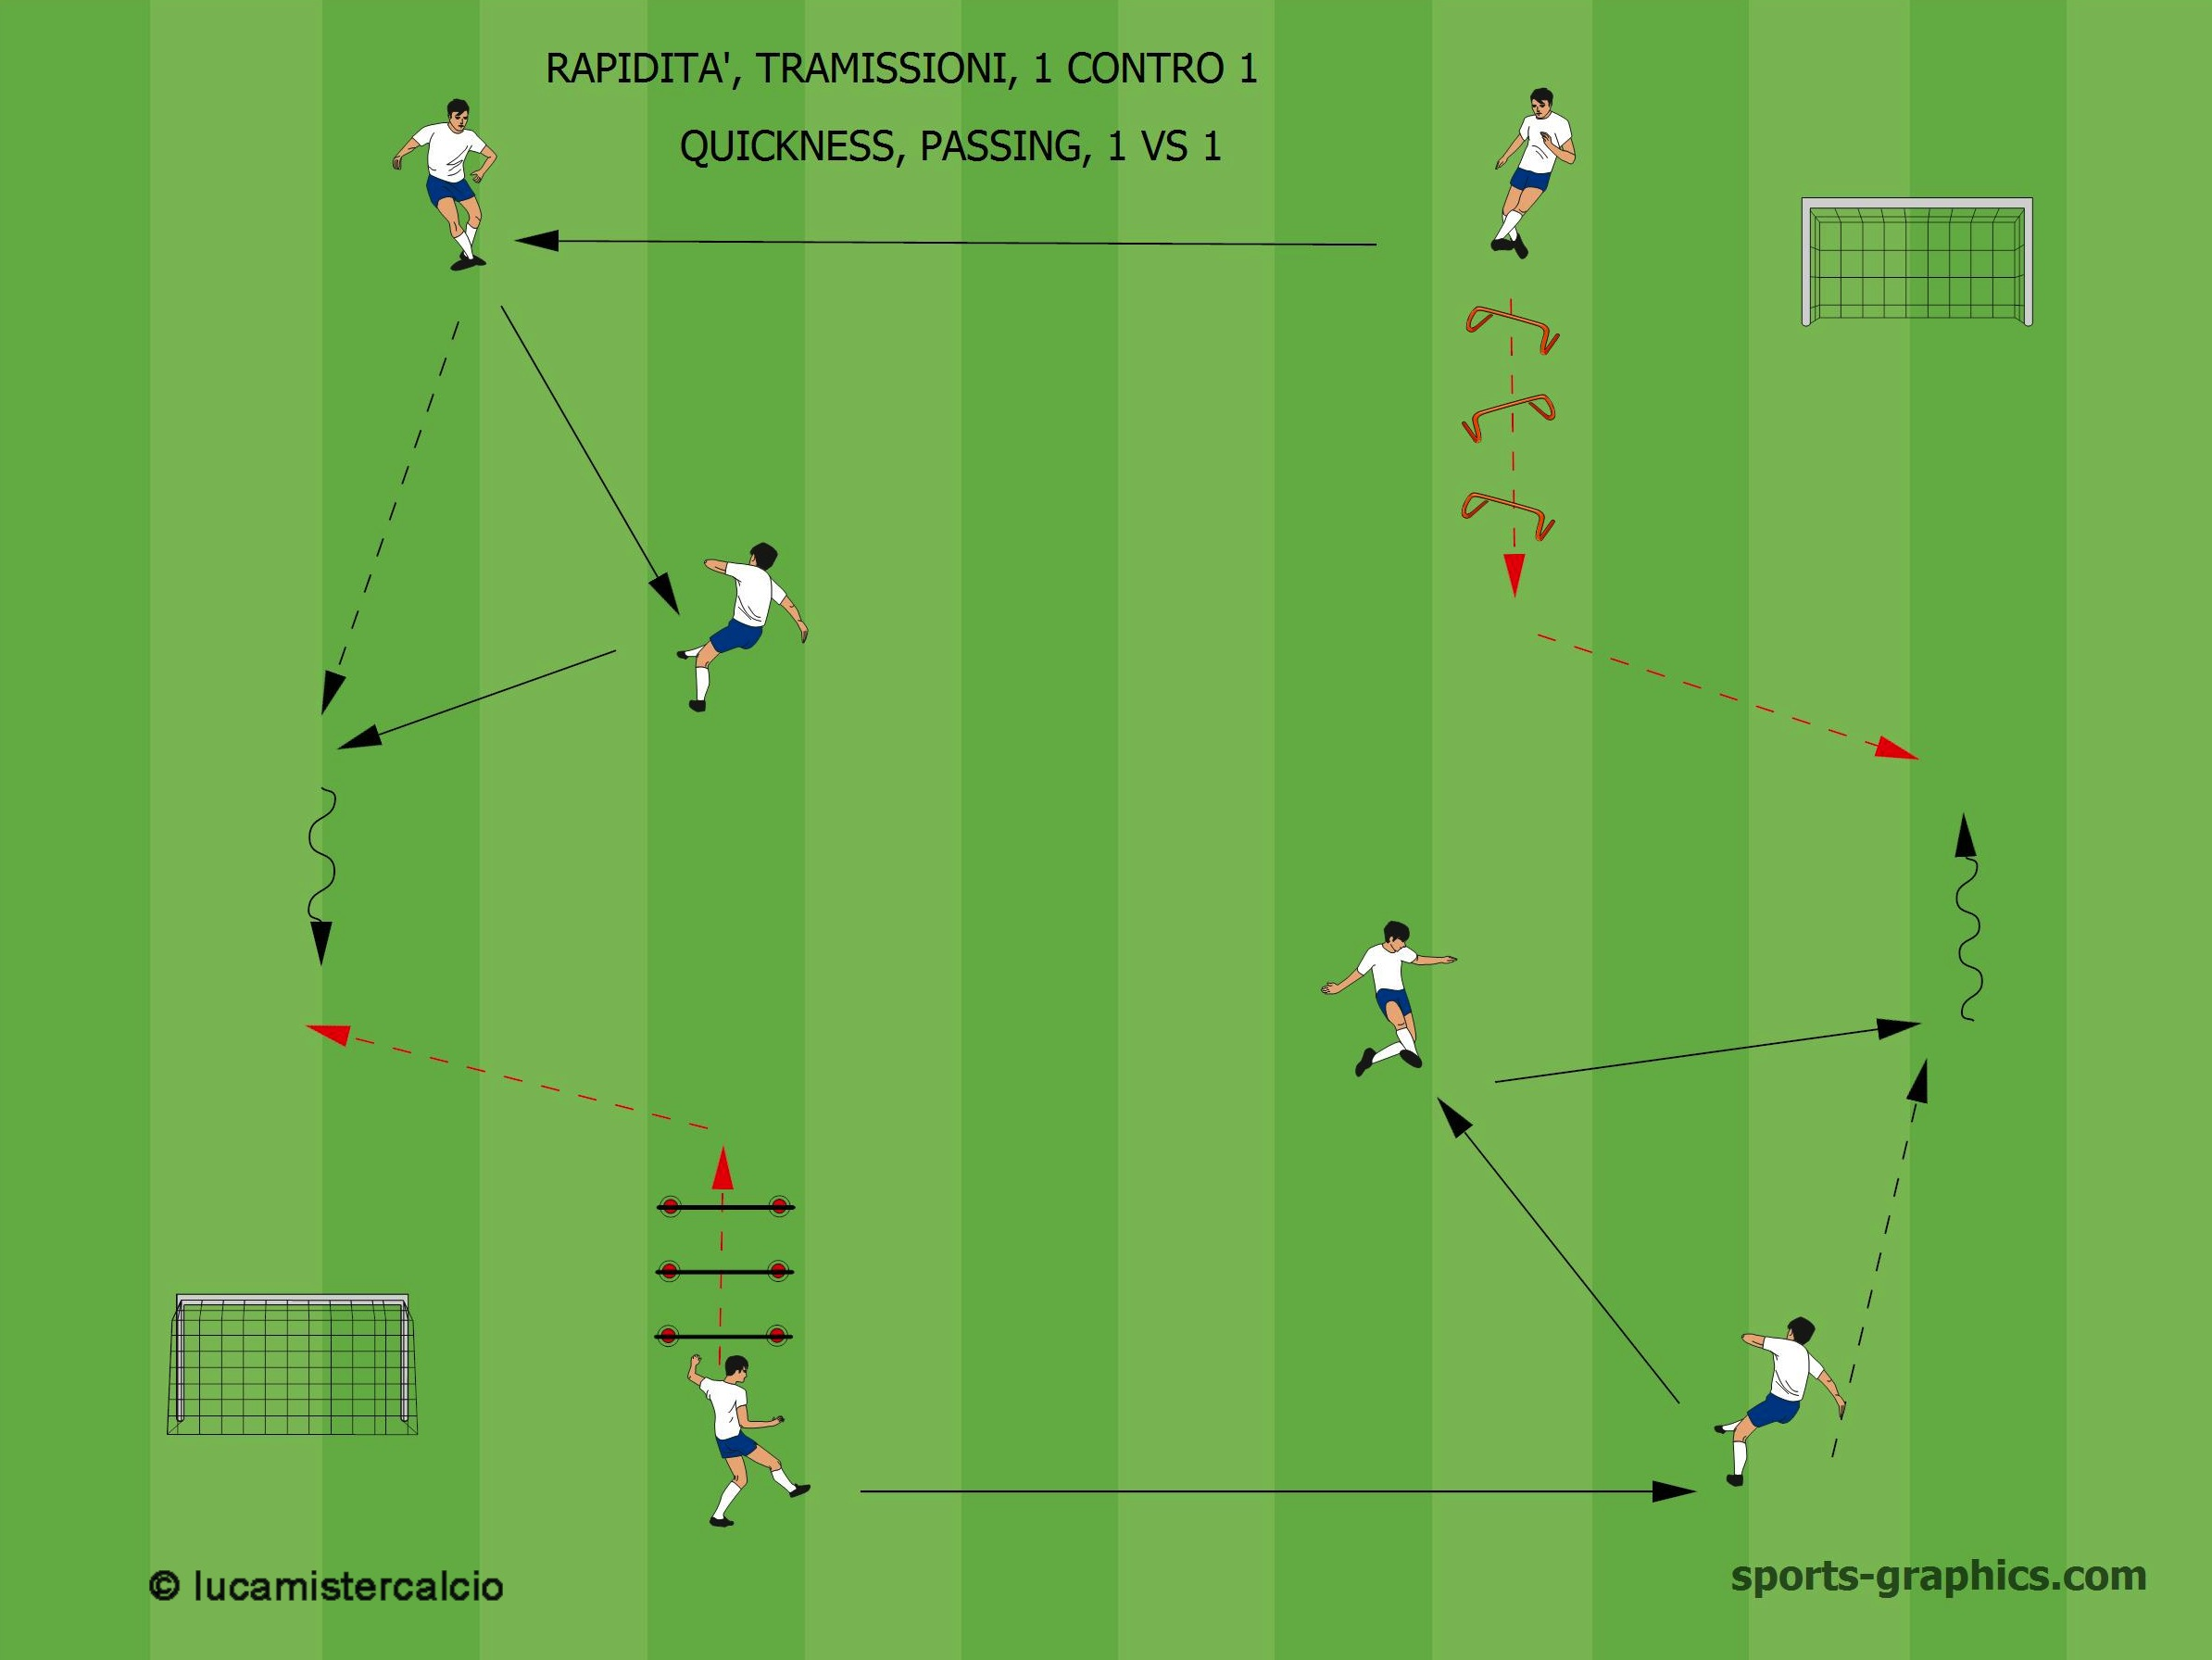 coordinnazione, trasmissione e 1 contro 1